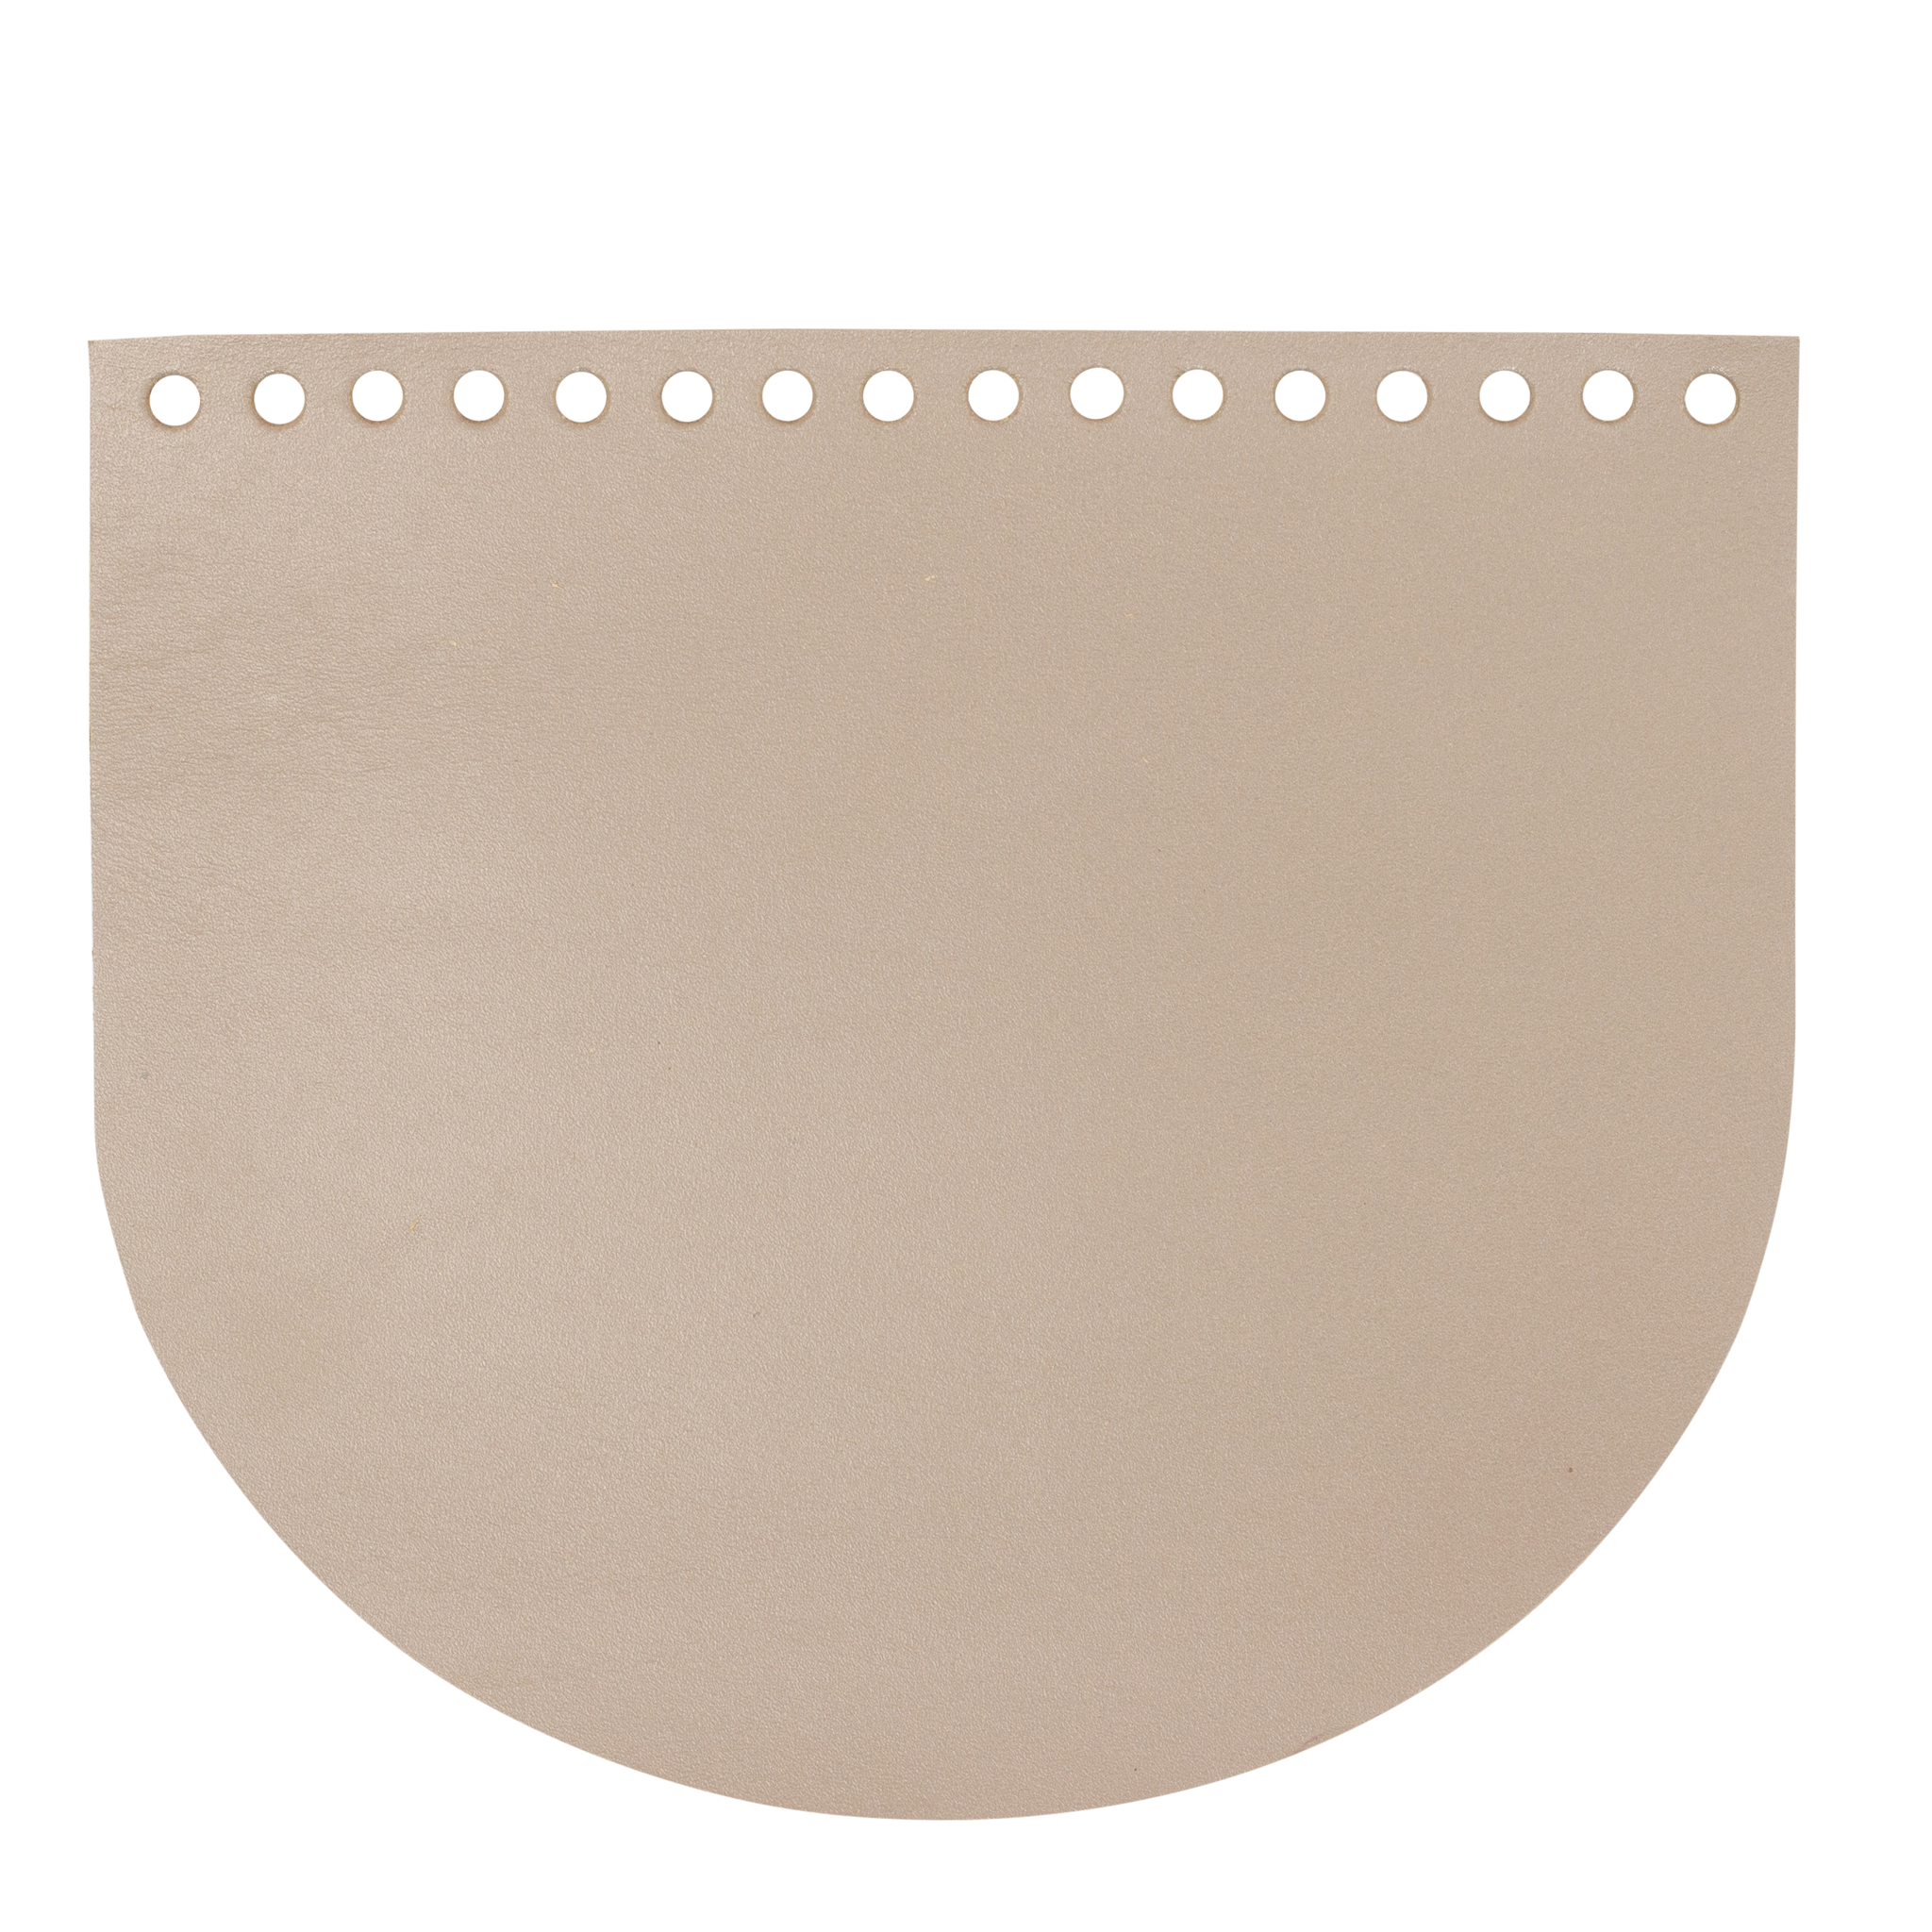 """Вся фурнитура Клапан для сумочки кожаный """"Мускат"""" 19 см на 16 см IMG_3532.jpg"""